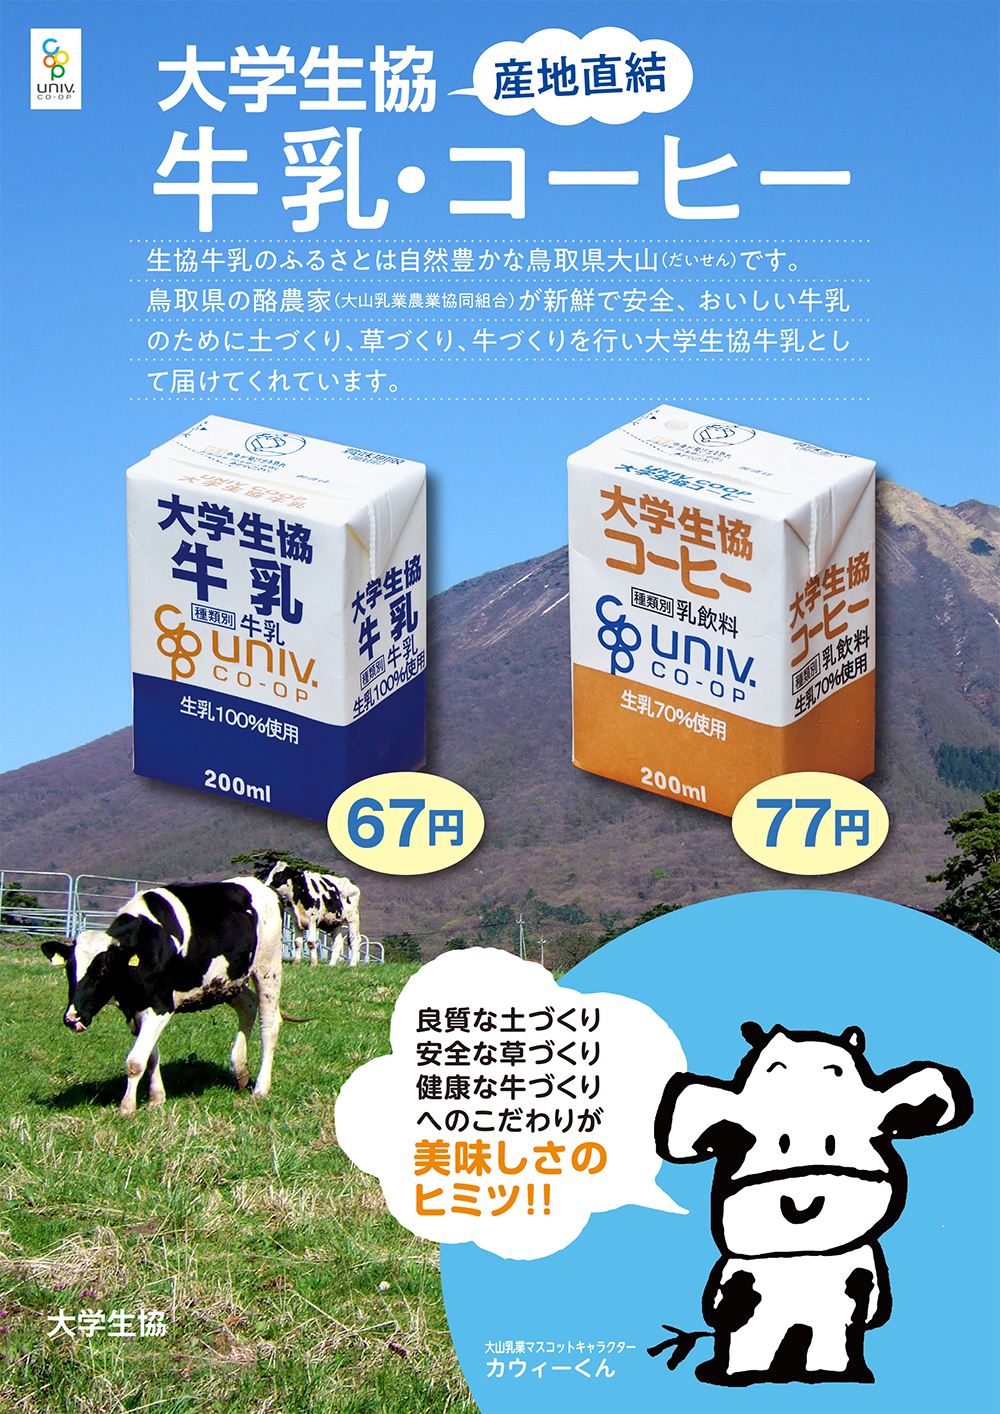 大学生協の牛乳・コーヒー